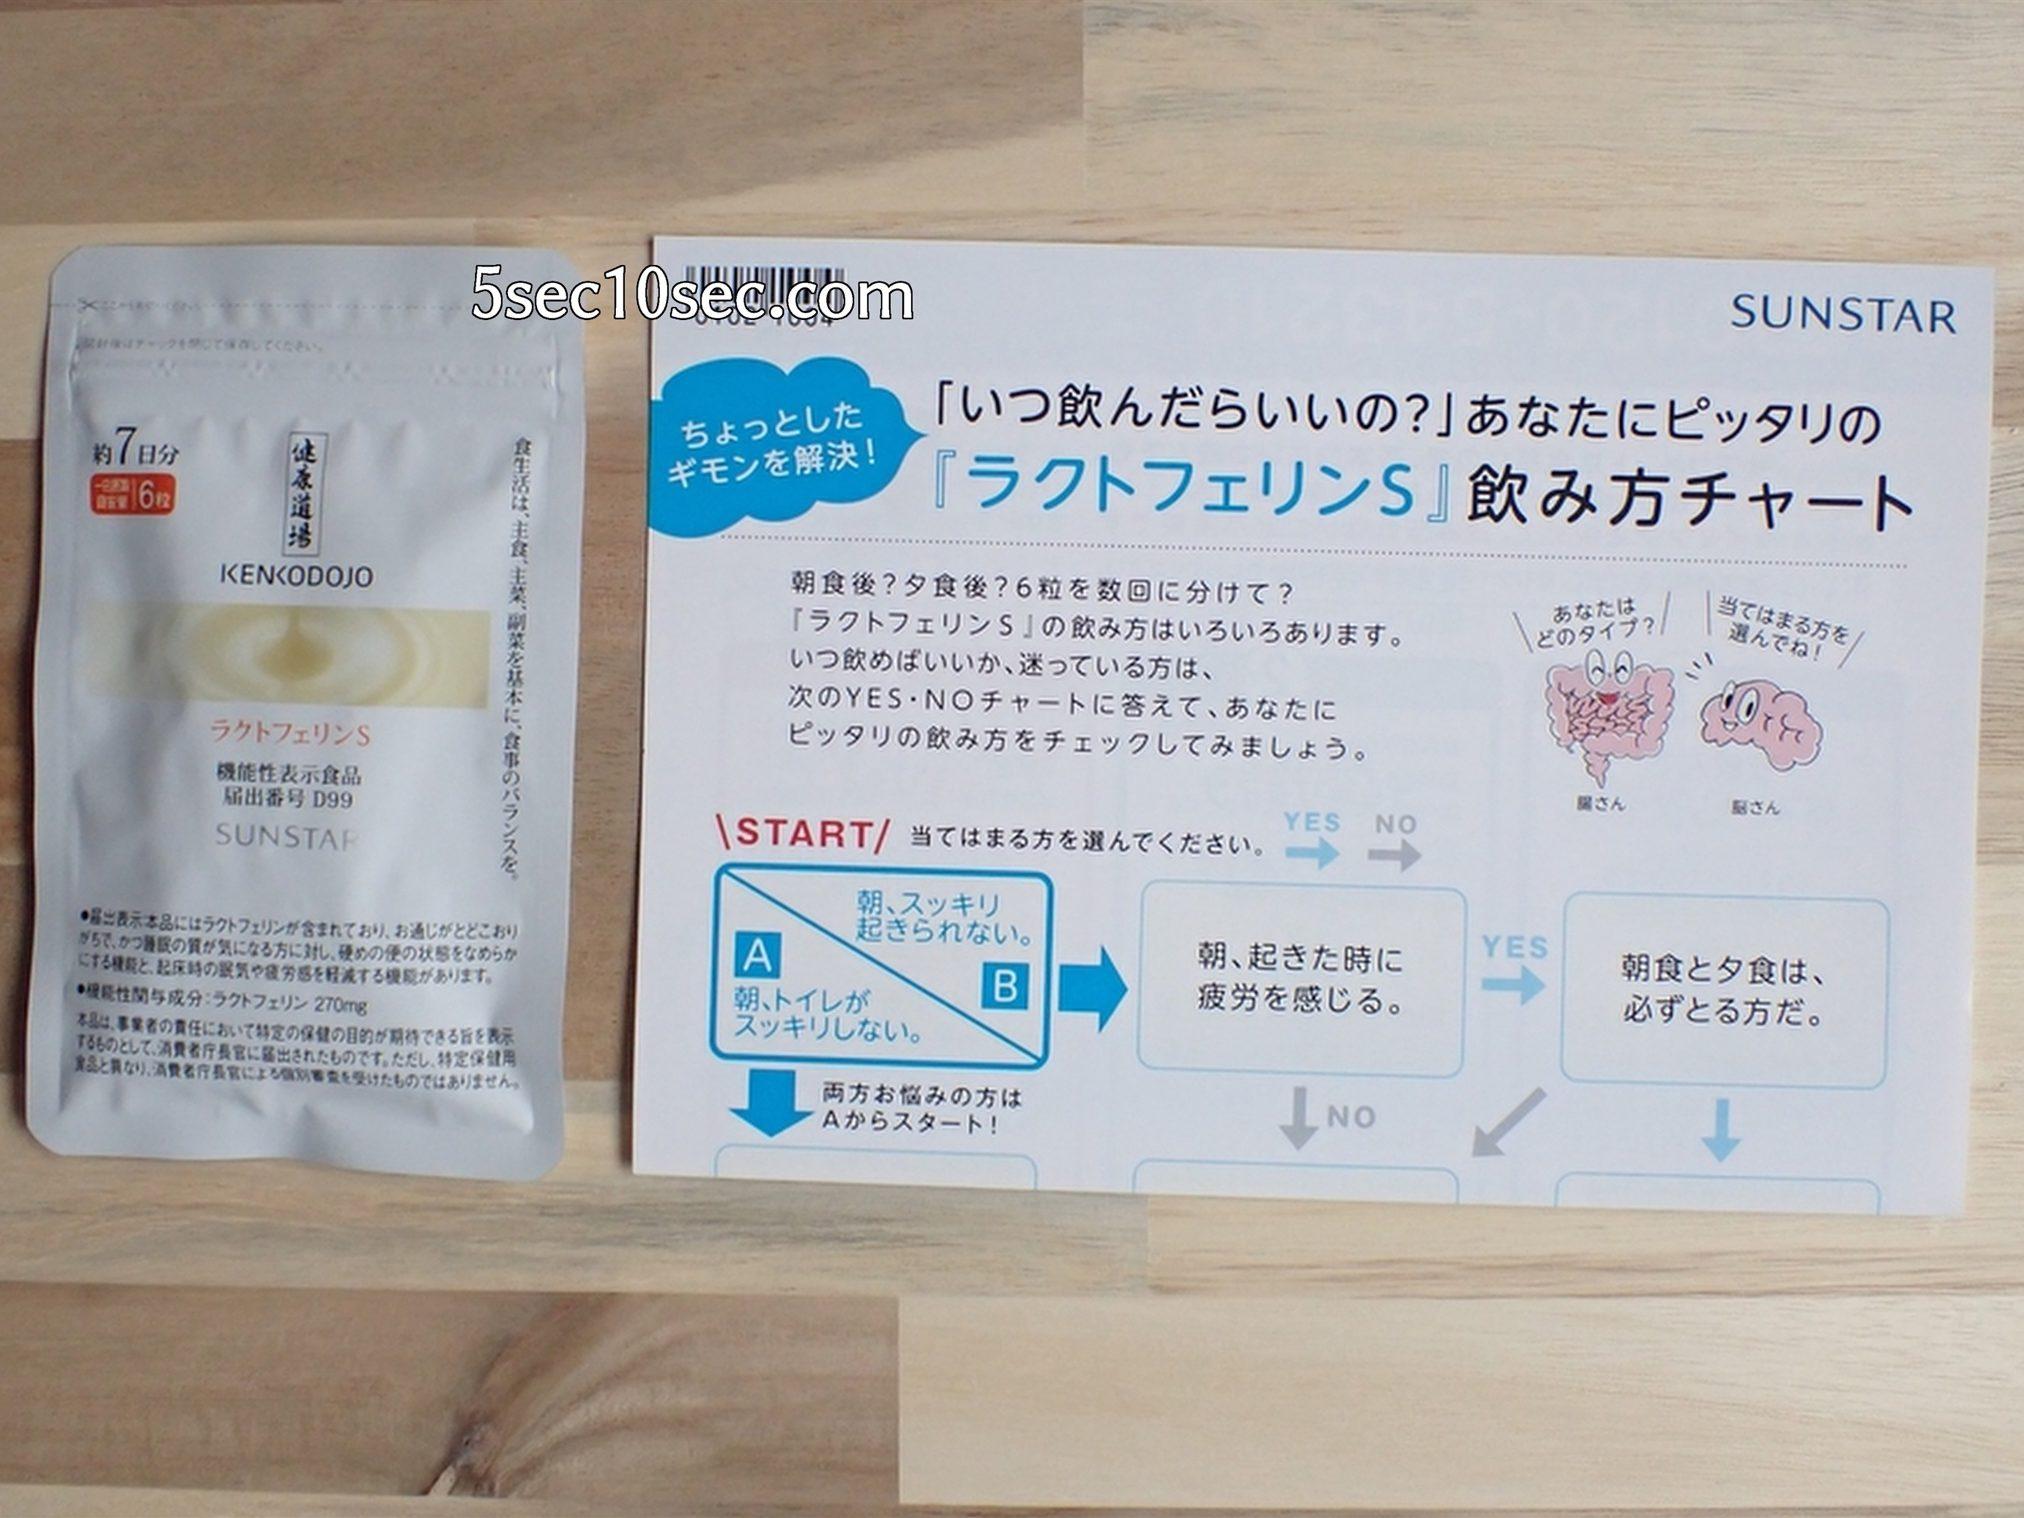 サンスター株式会社 健康道場 ラクトフェリンS 飲み方チャート